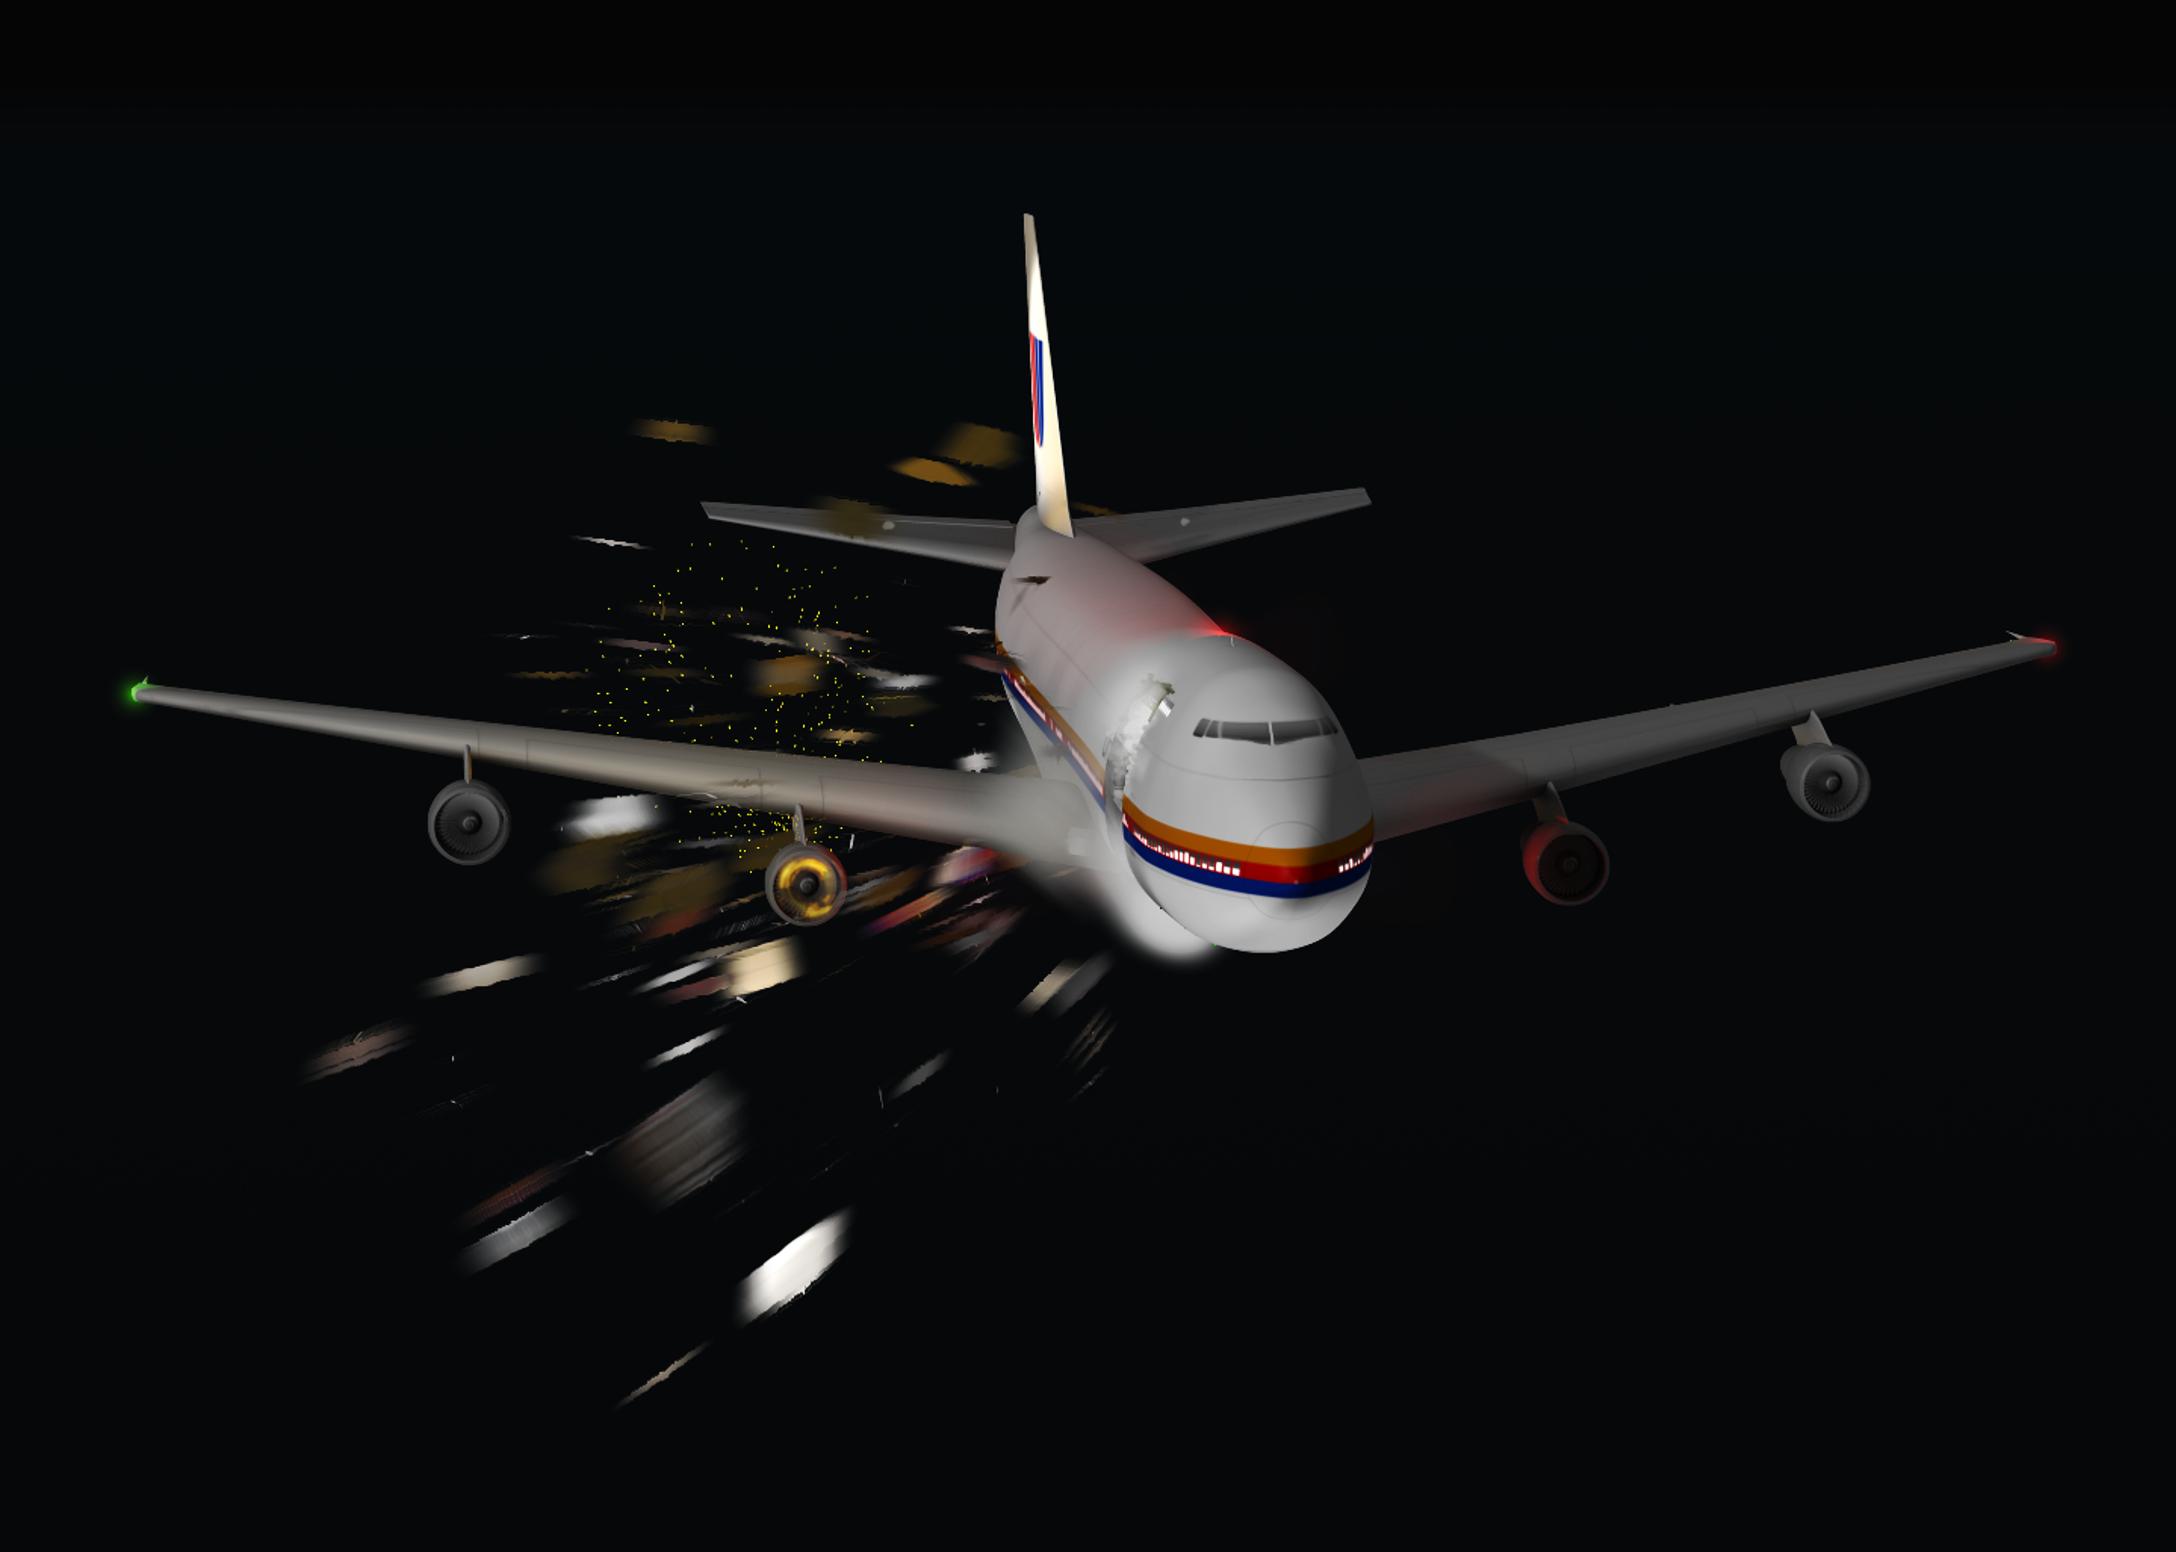 2_file:747-ua2.png